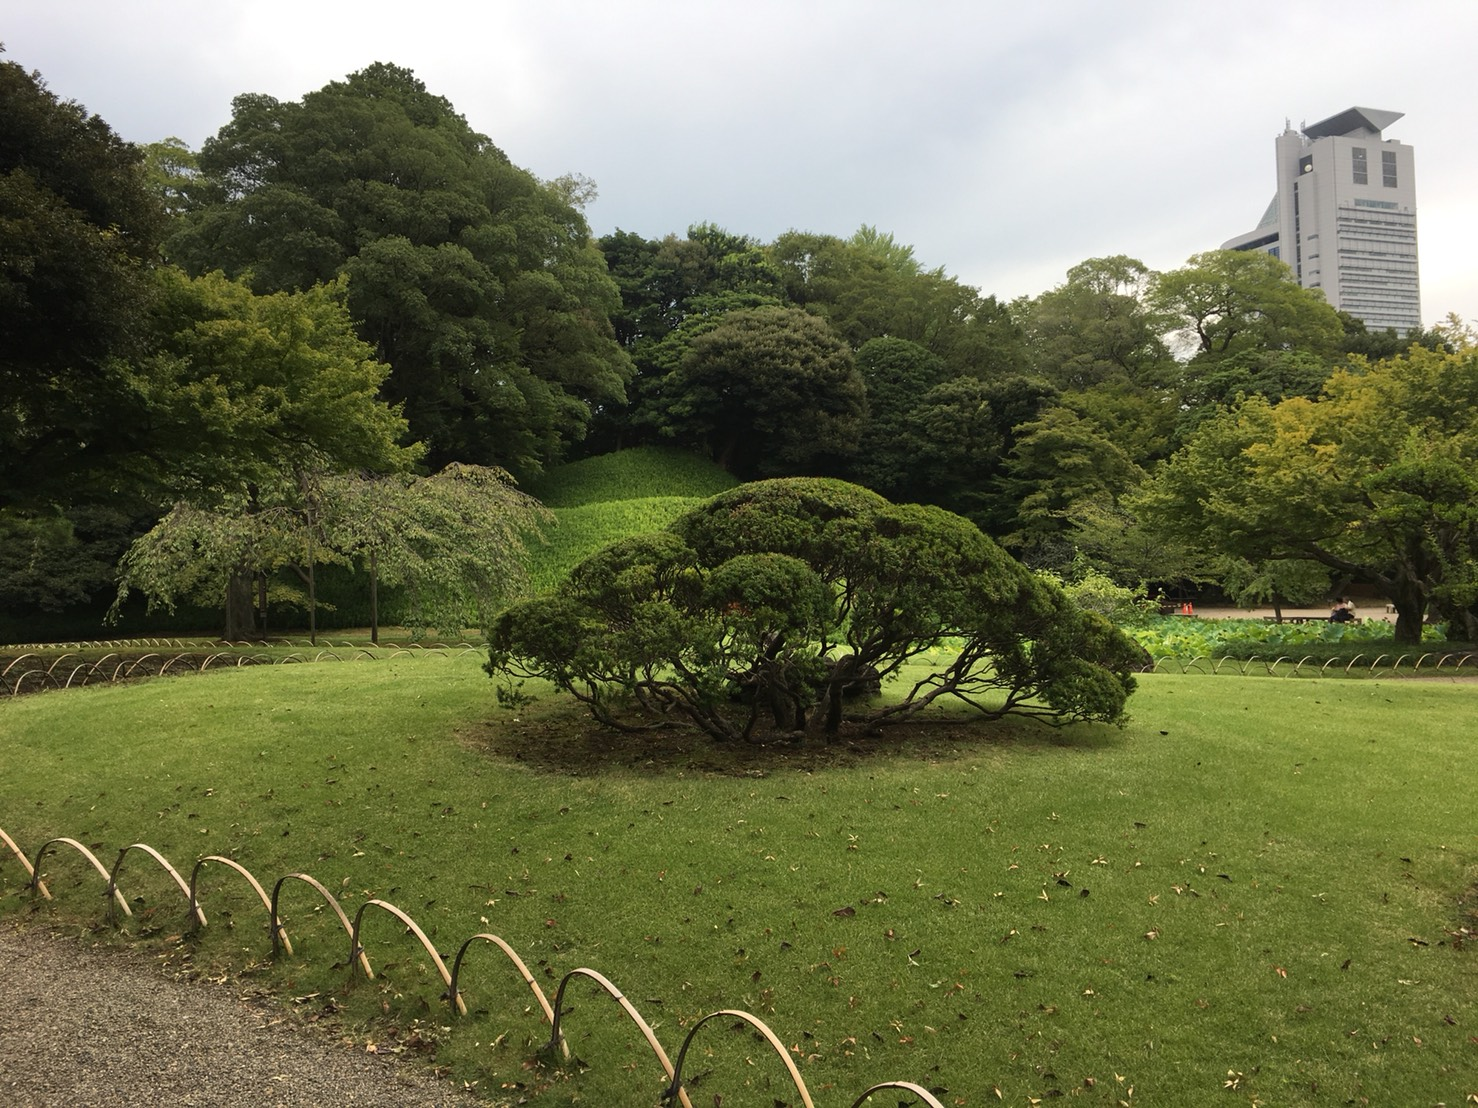 【飯田橋駅】江戸時代の中国趣味豊かな景観で一句「小石川後楽園」の小石川後楽園の庭園2